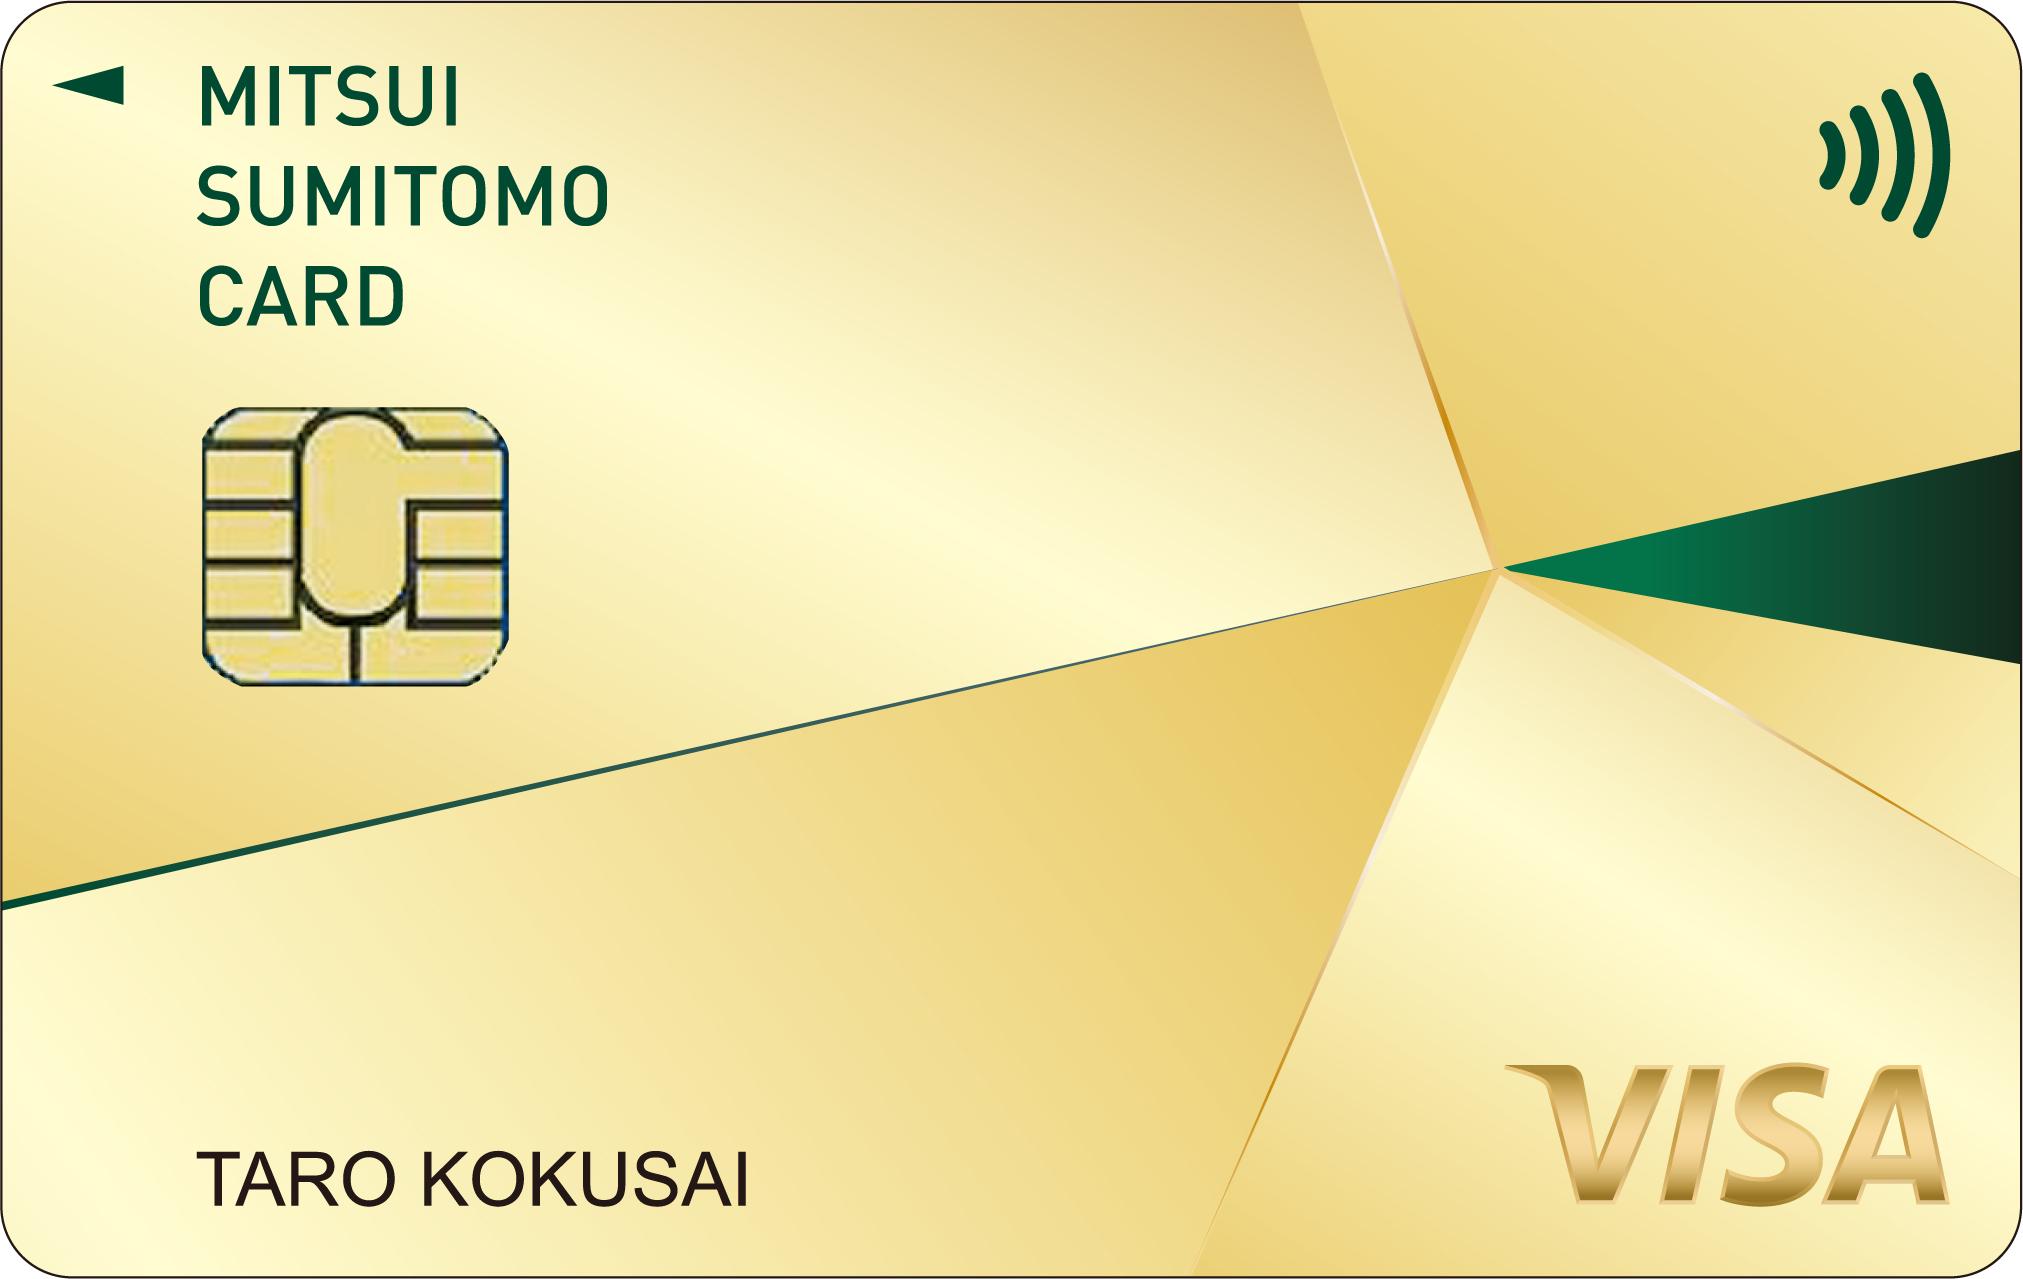 三井住友カード ゴールド(旧ゴールドカード)